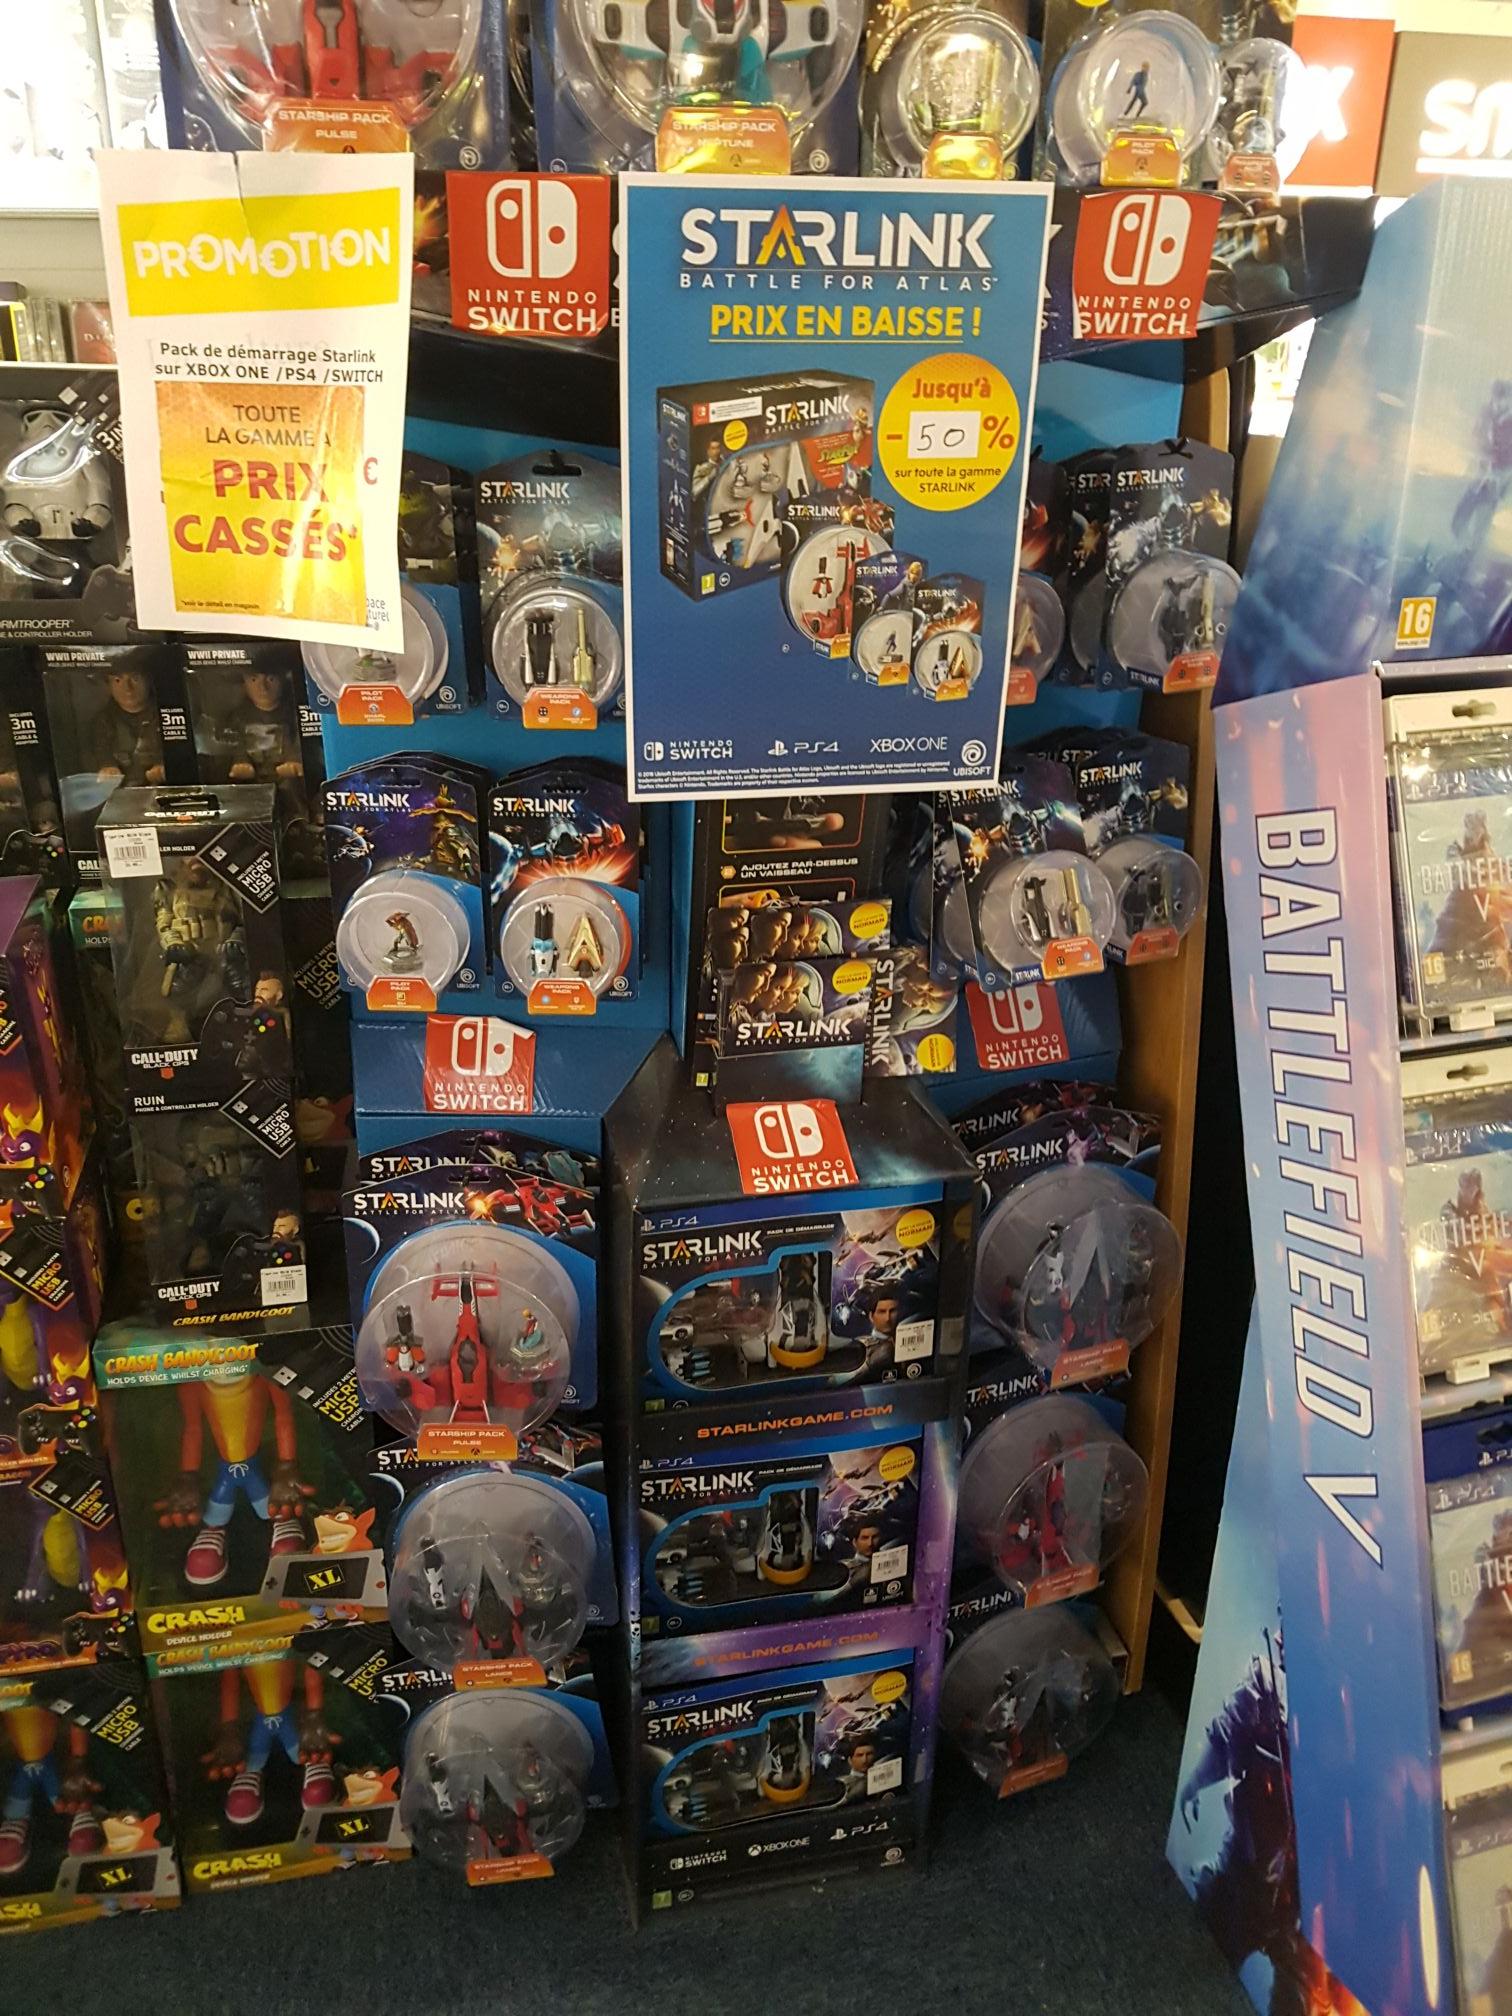 Pack de démarrage Starlink sur PS4 - Moiselles (95)